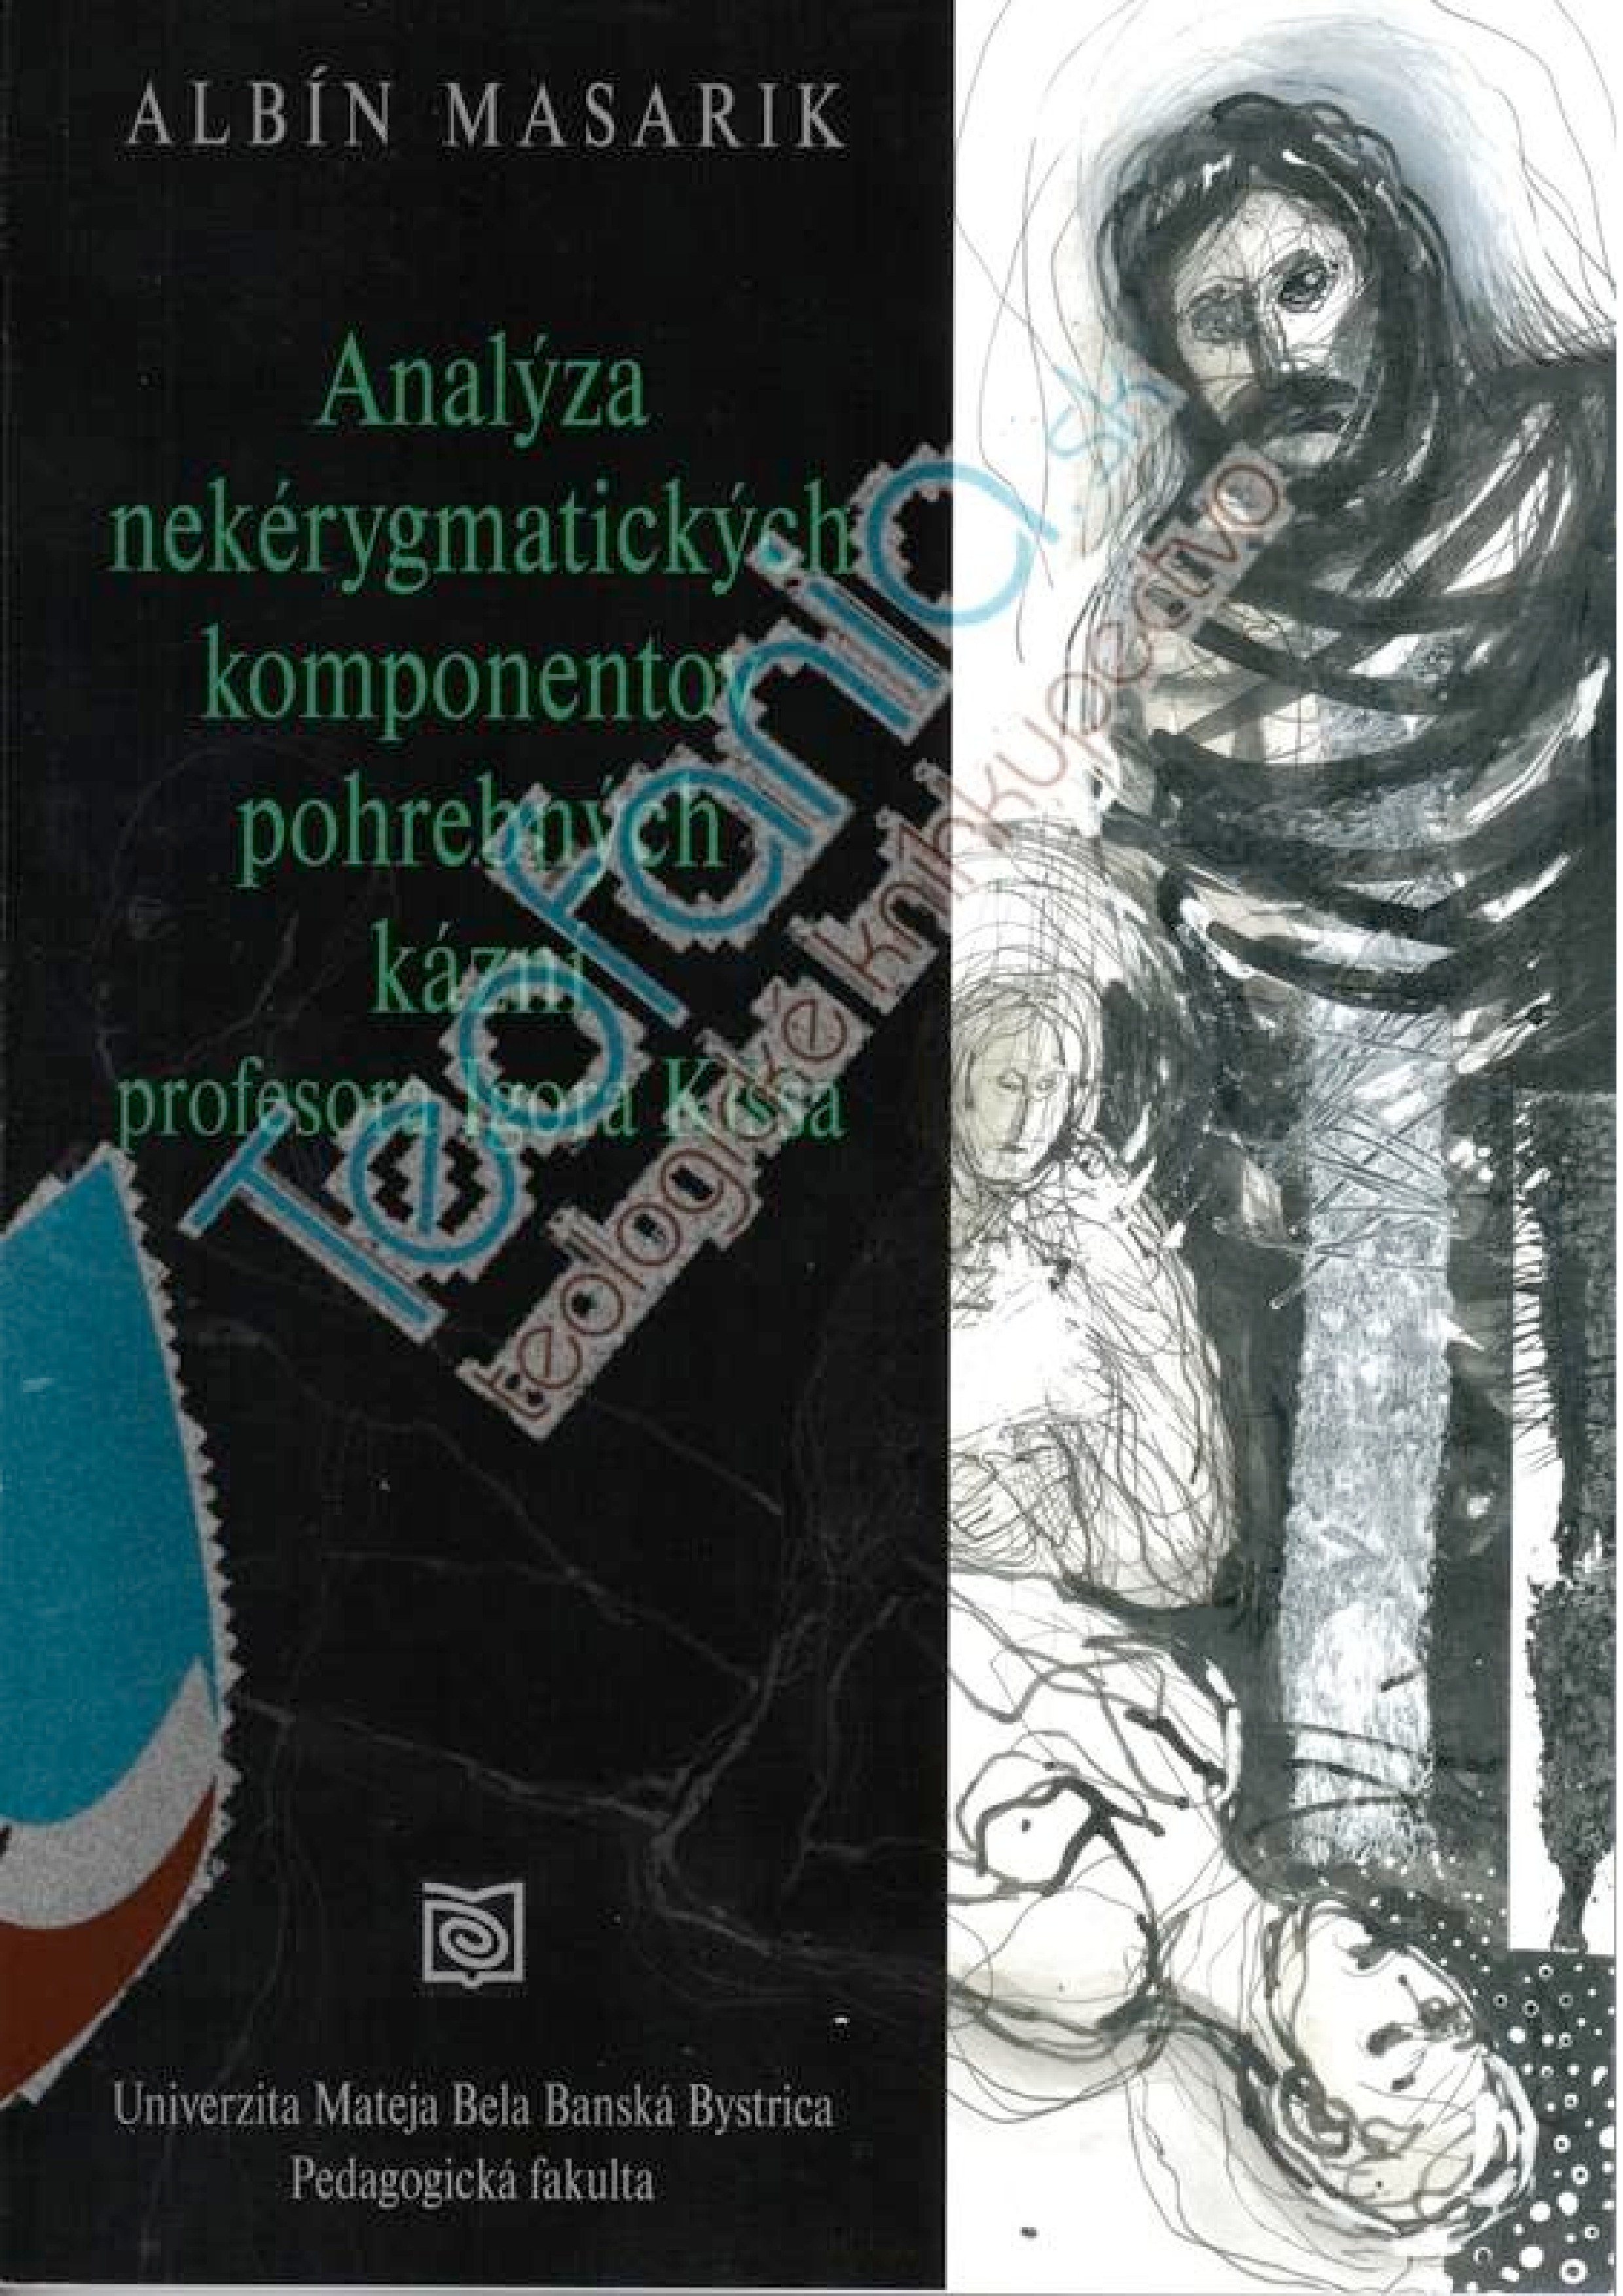 Analýza nekérygmatických komponentov pohrebných kázní profesora Igora Kišša